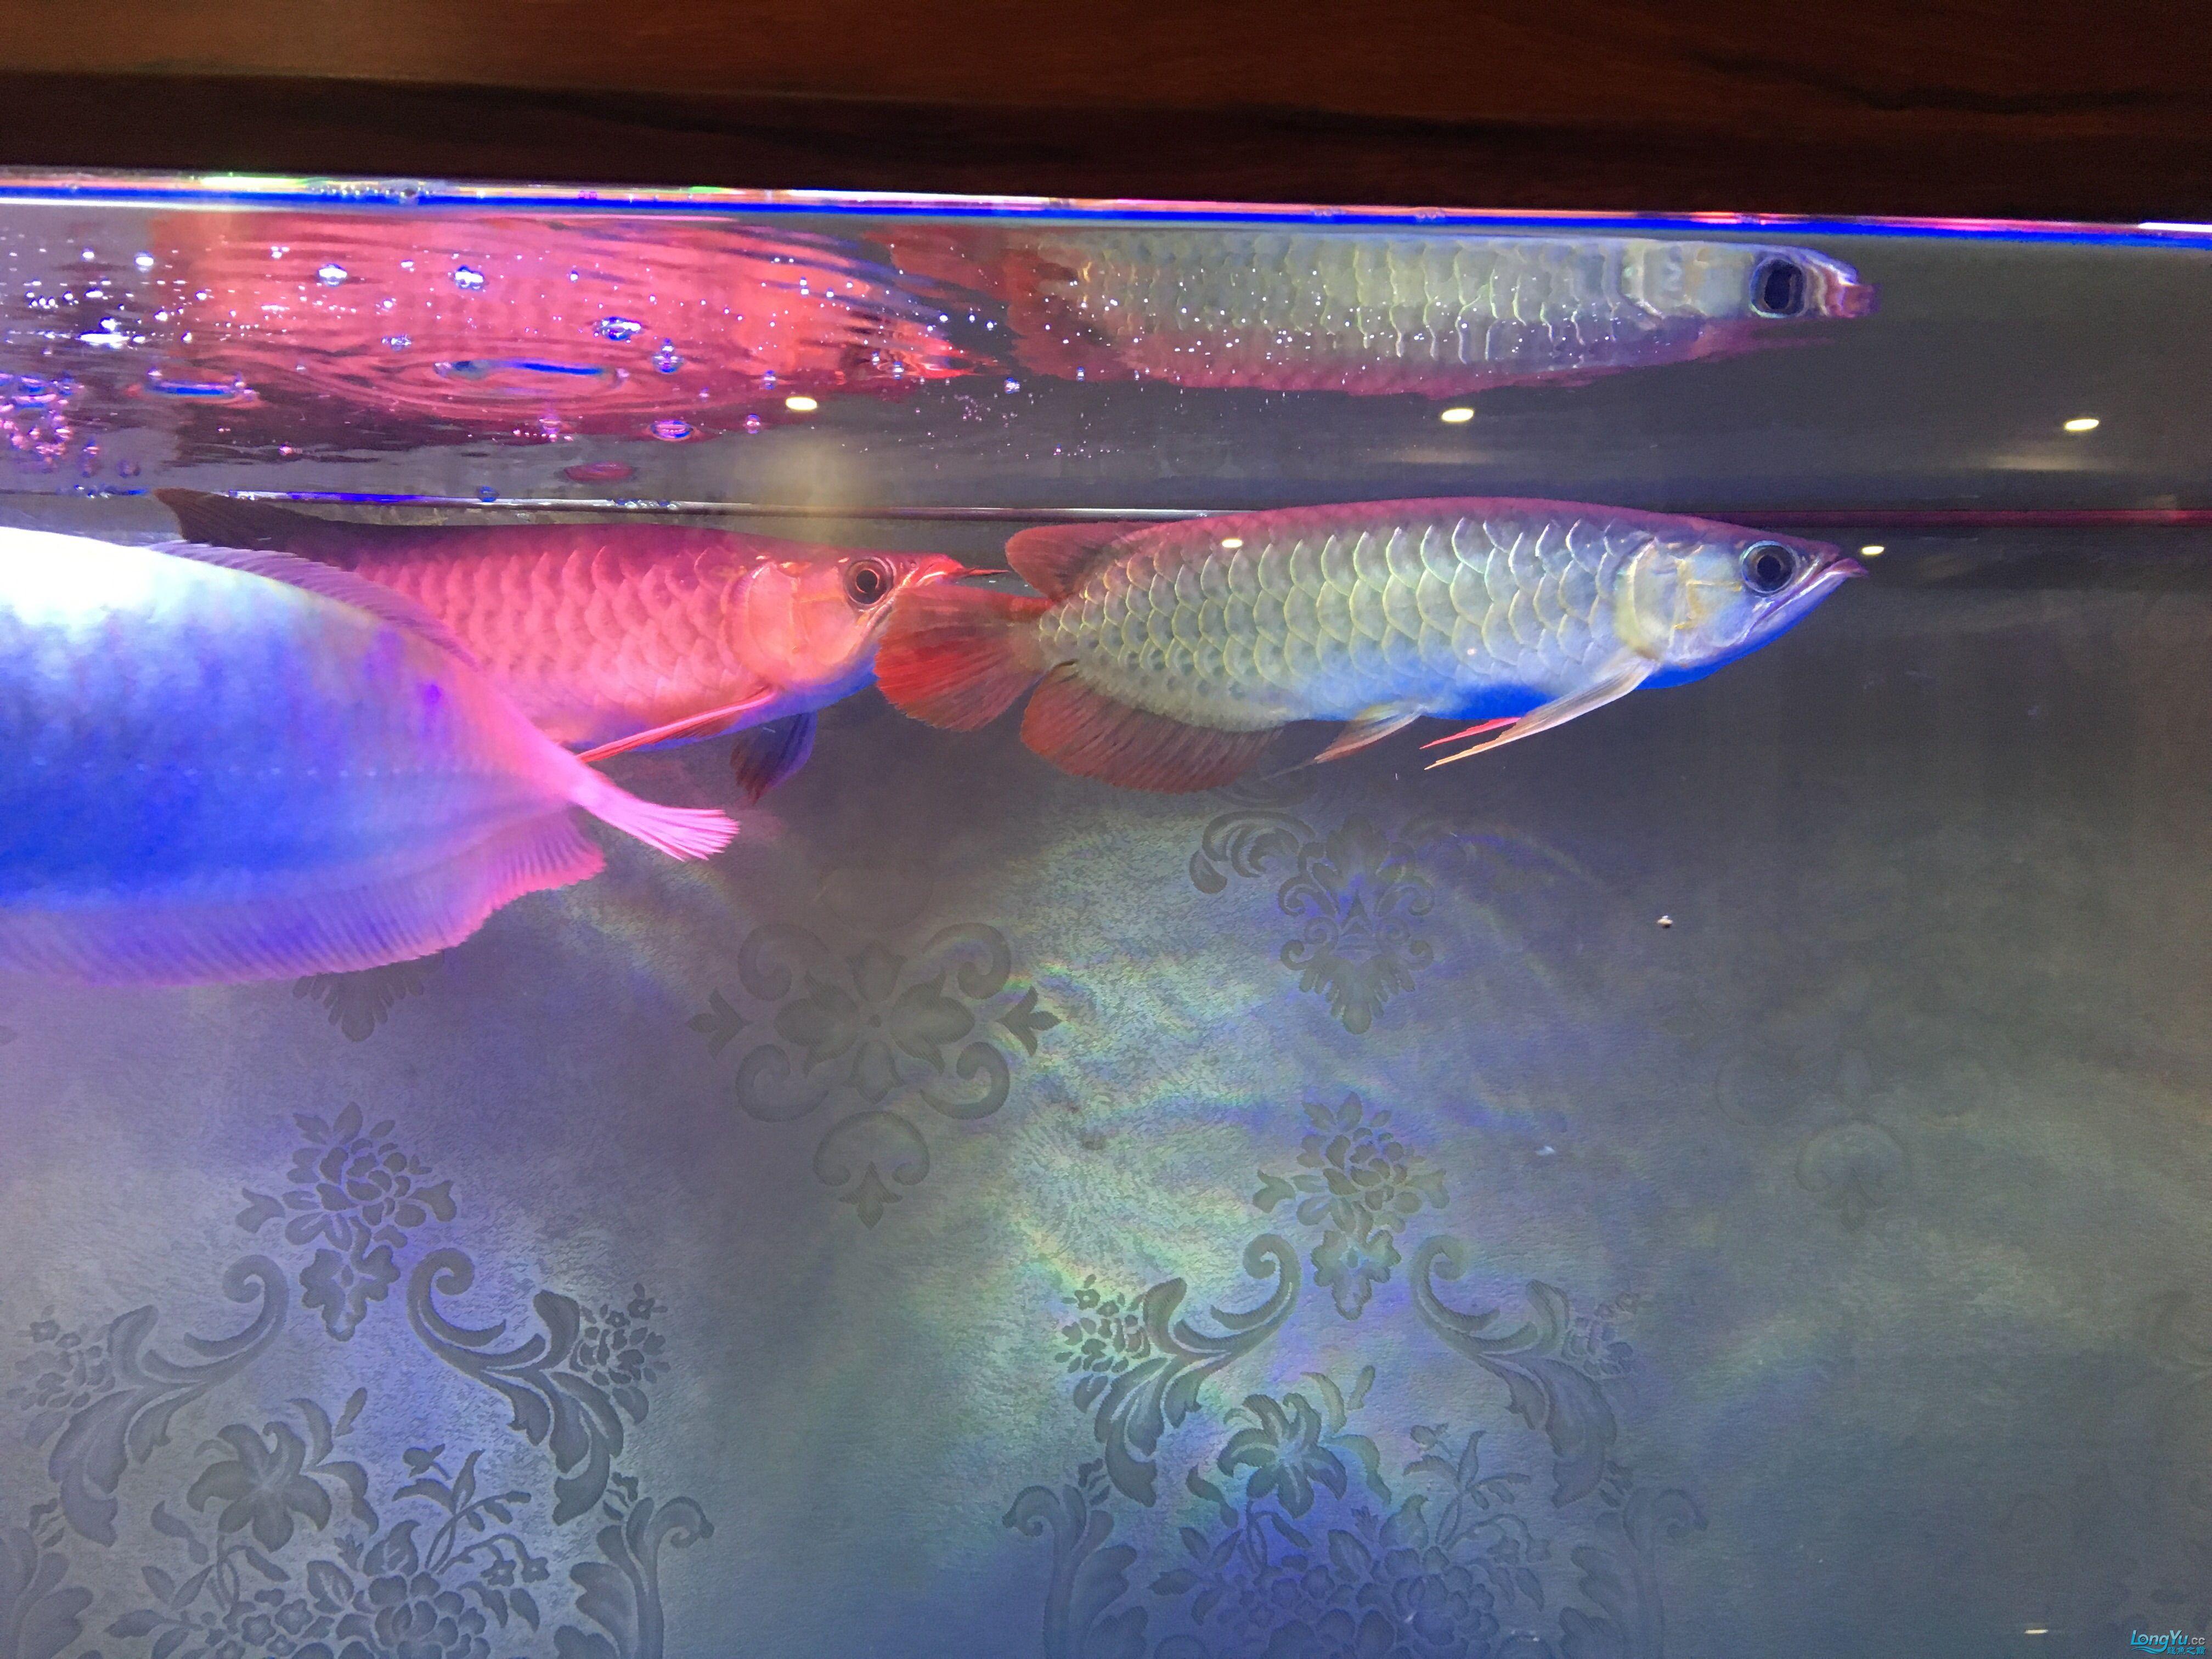 重庆黑鲳鱼价格那位鱼友给我看看龙的质量 重庆观赏鱼 重庆水族批发市场第3张